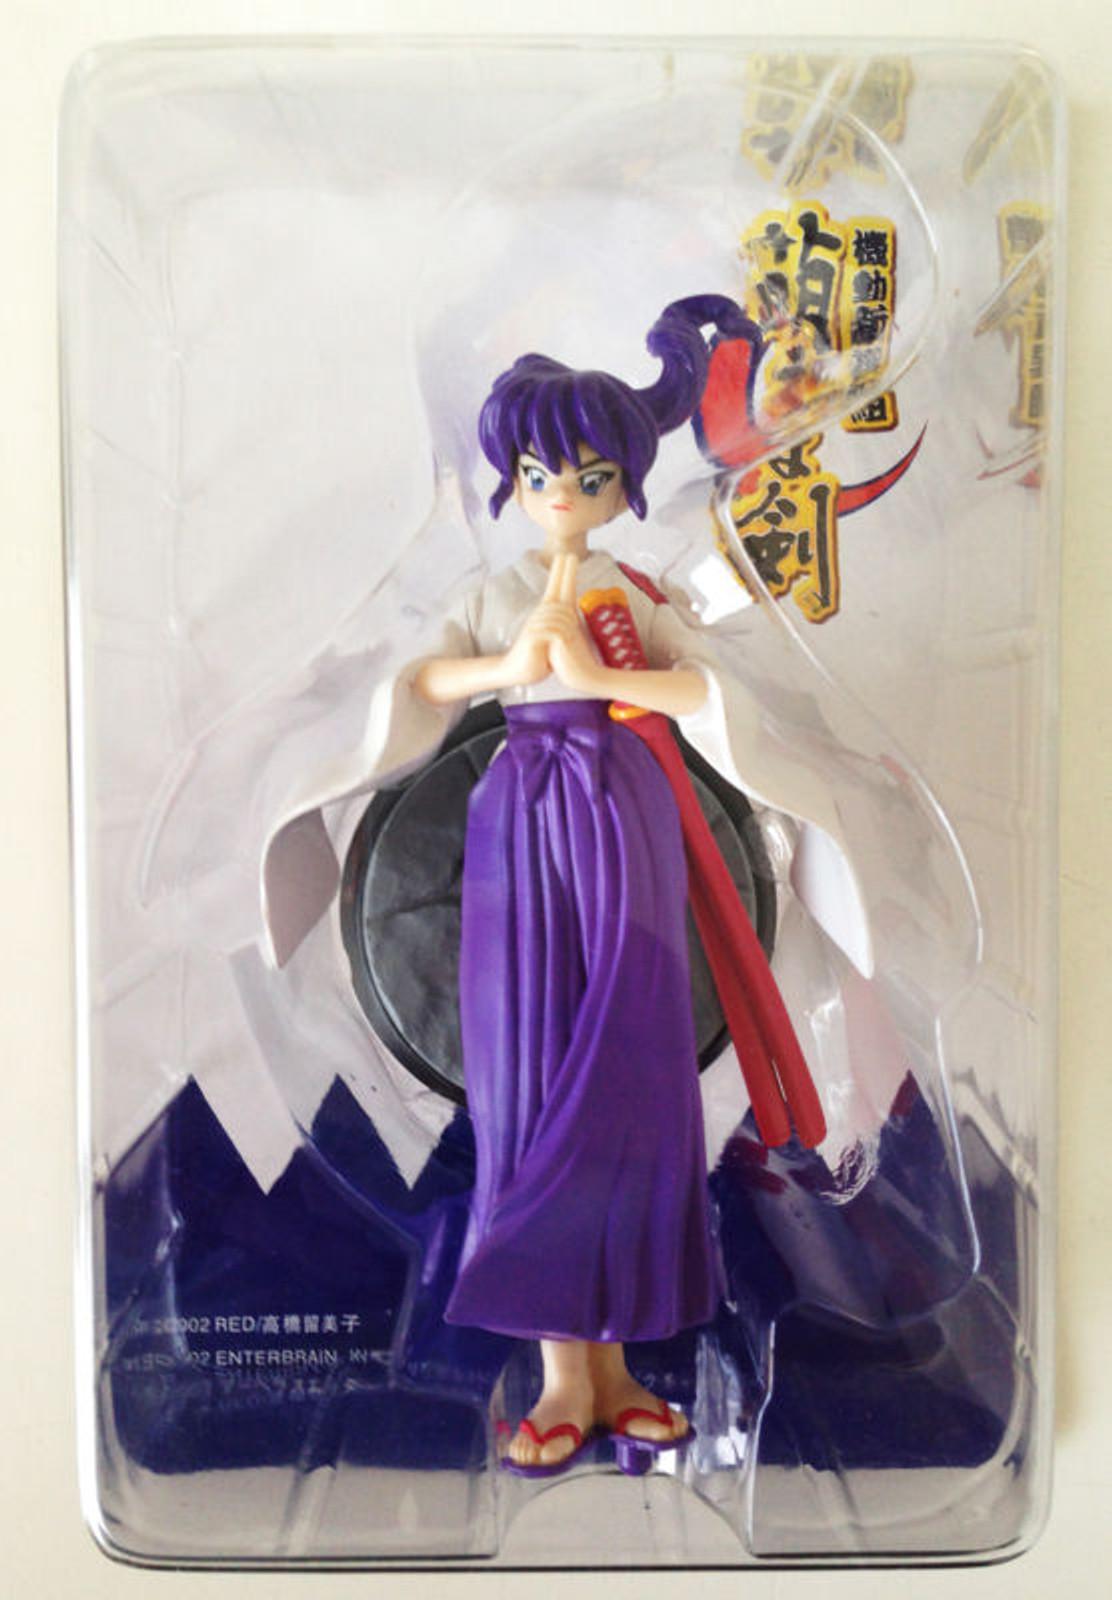 Kidou Shinsengumi Moeyo Ken Okita Kaoru Figure Rumiko Takahashi JAPAN ANIME